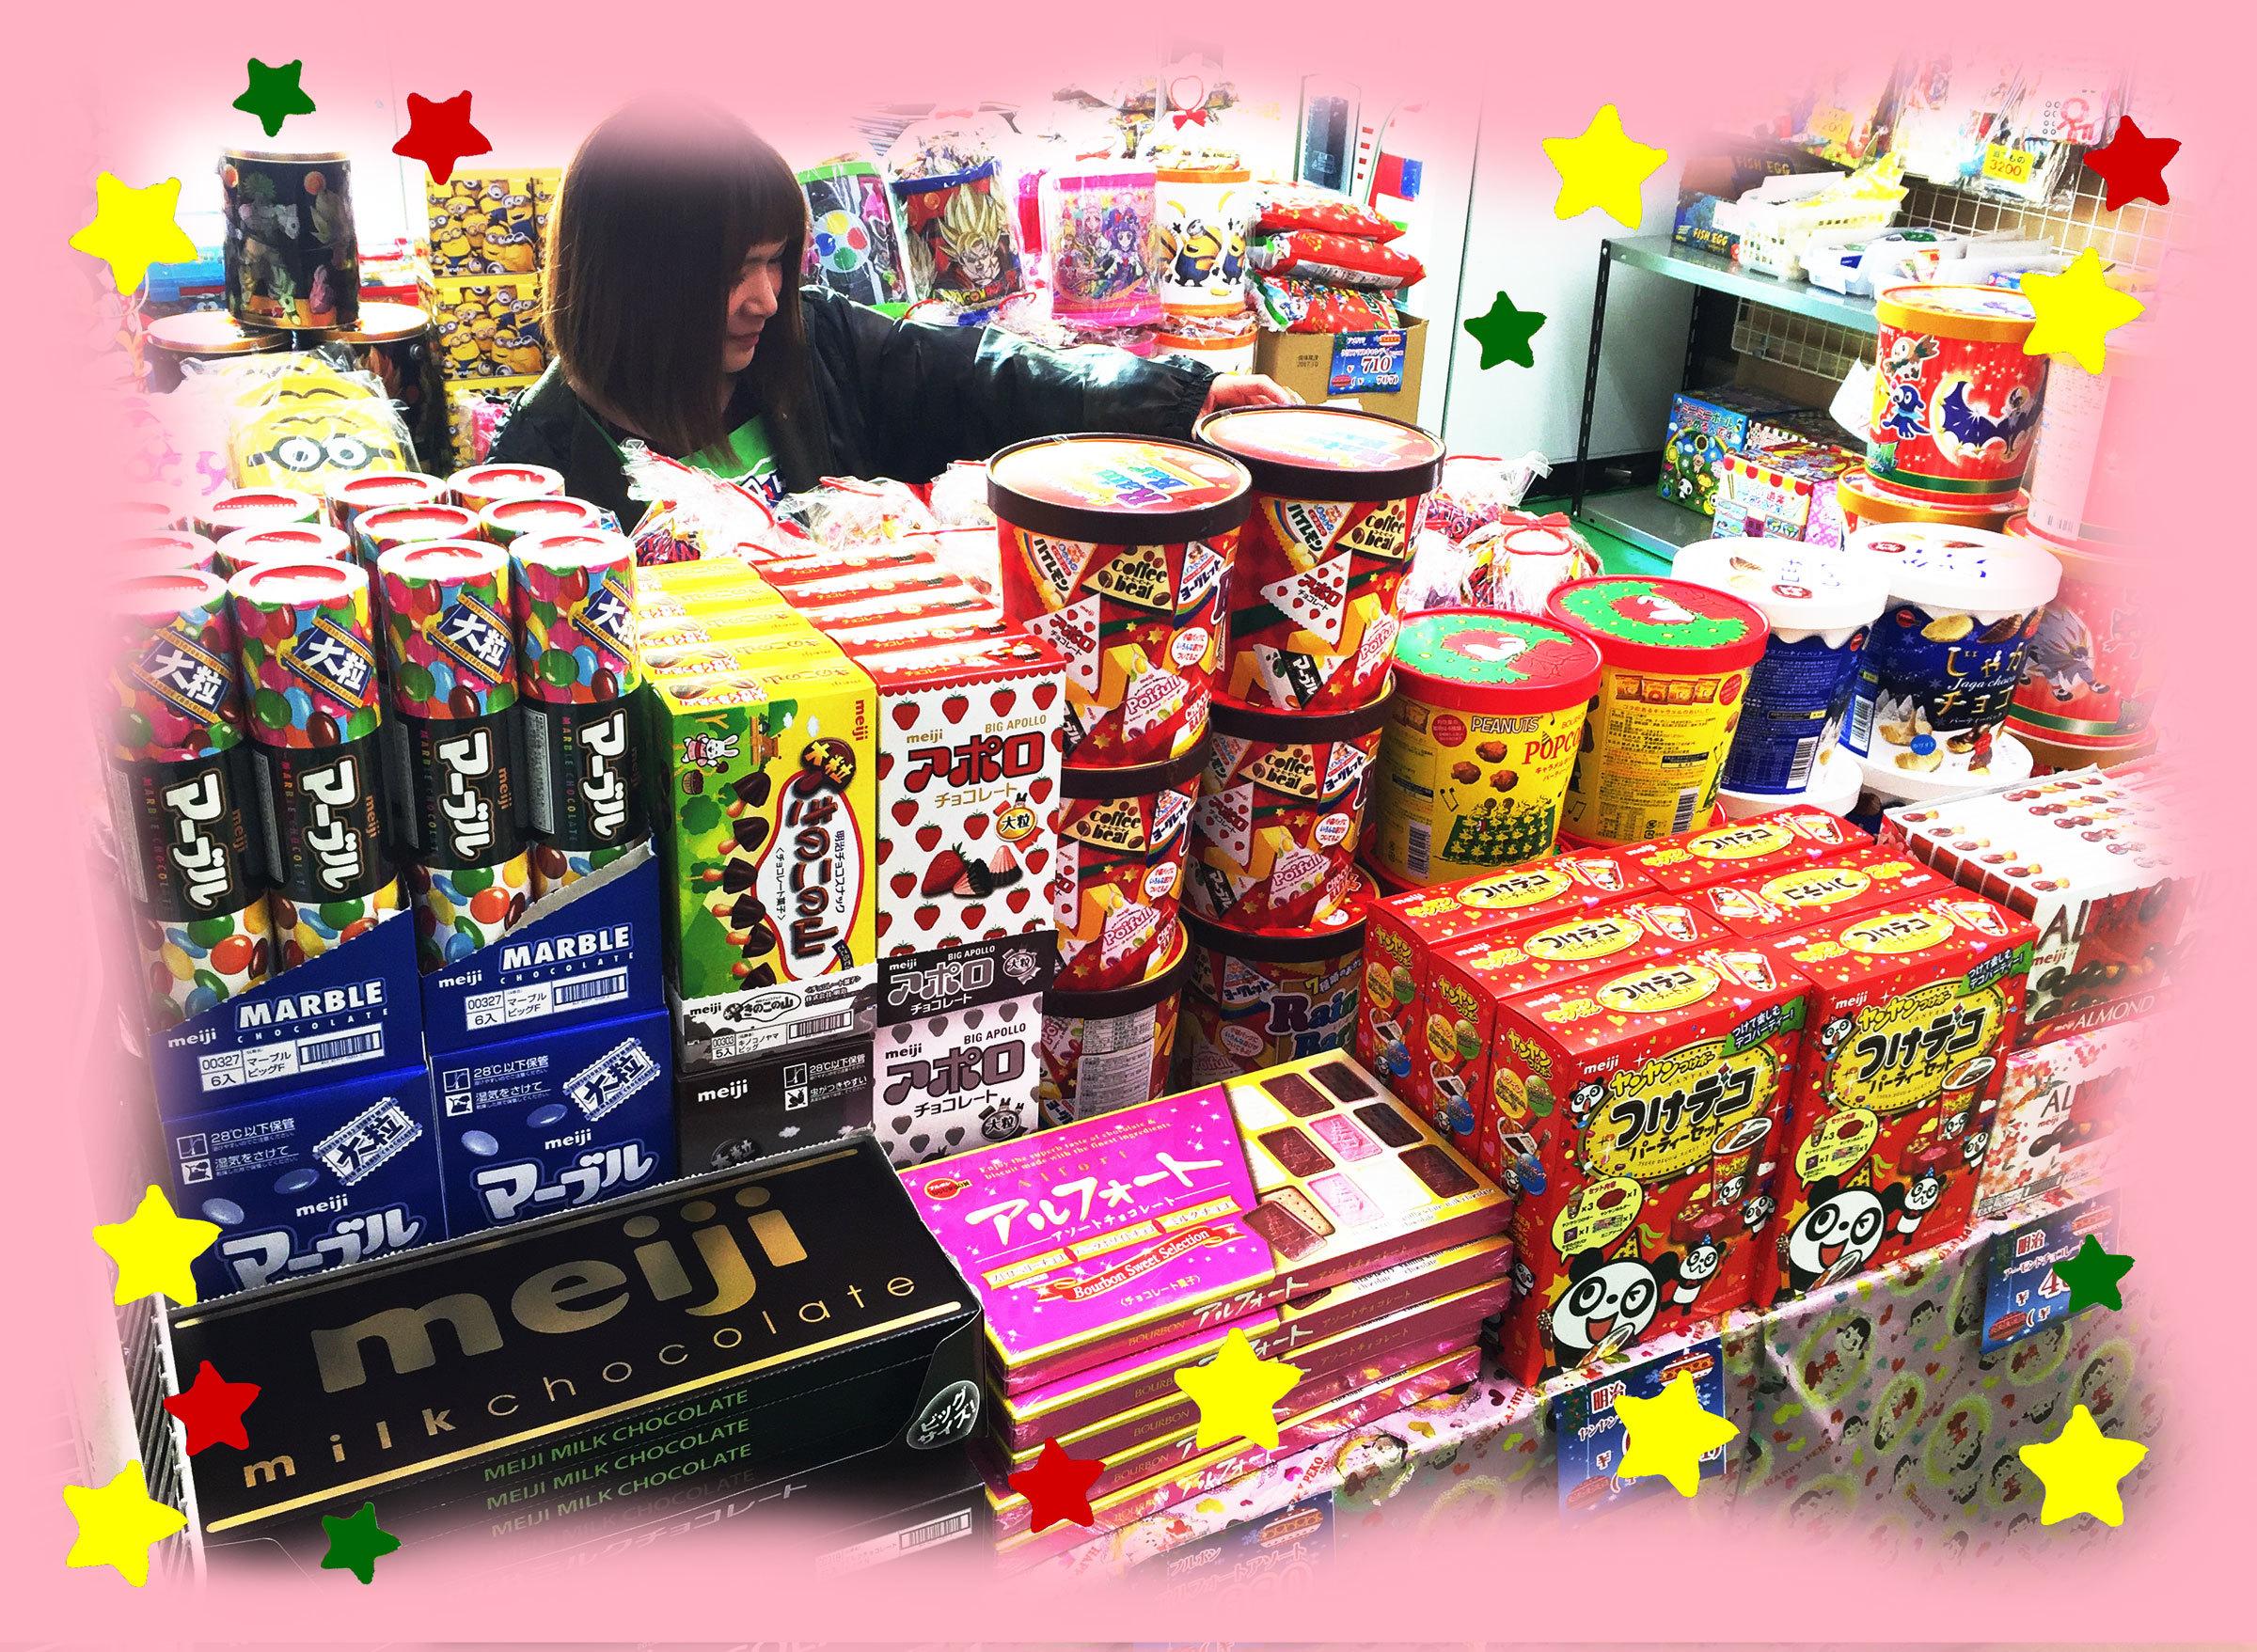 みんなのおかし市場福井店クリスマスコーナー